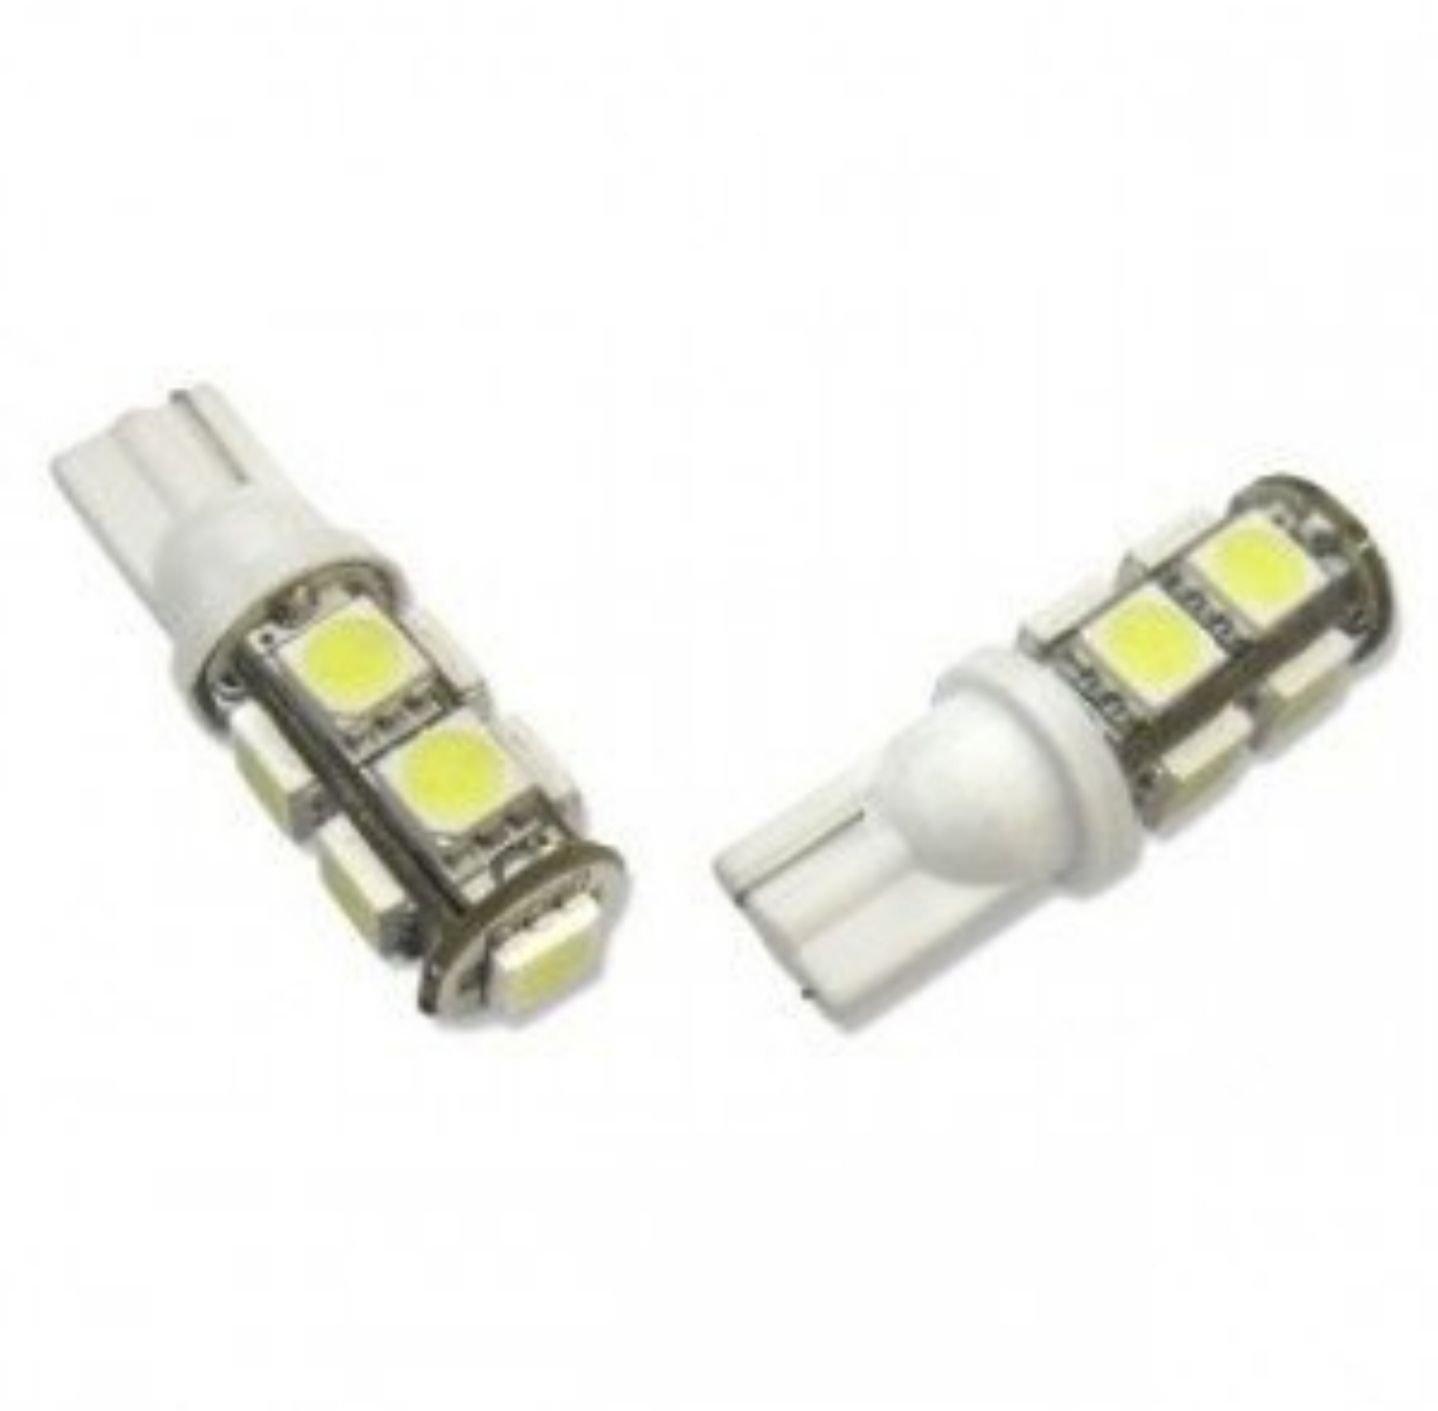 T10 LED lampa xenonvit 2 pack (391498204) ᐈ Köp på Tradera